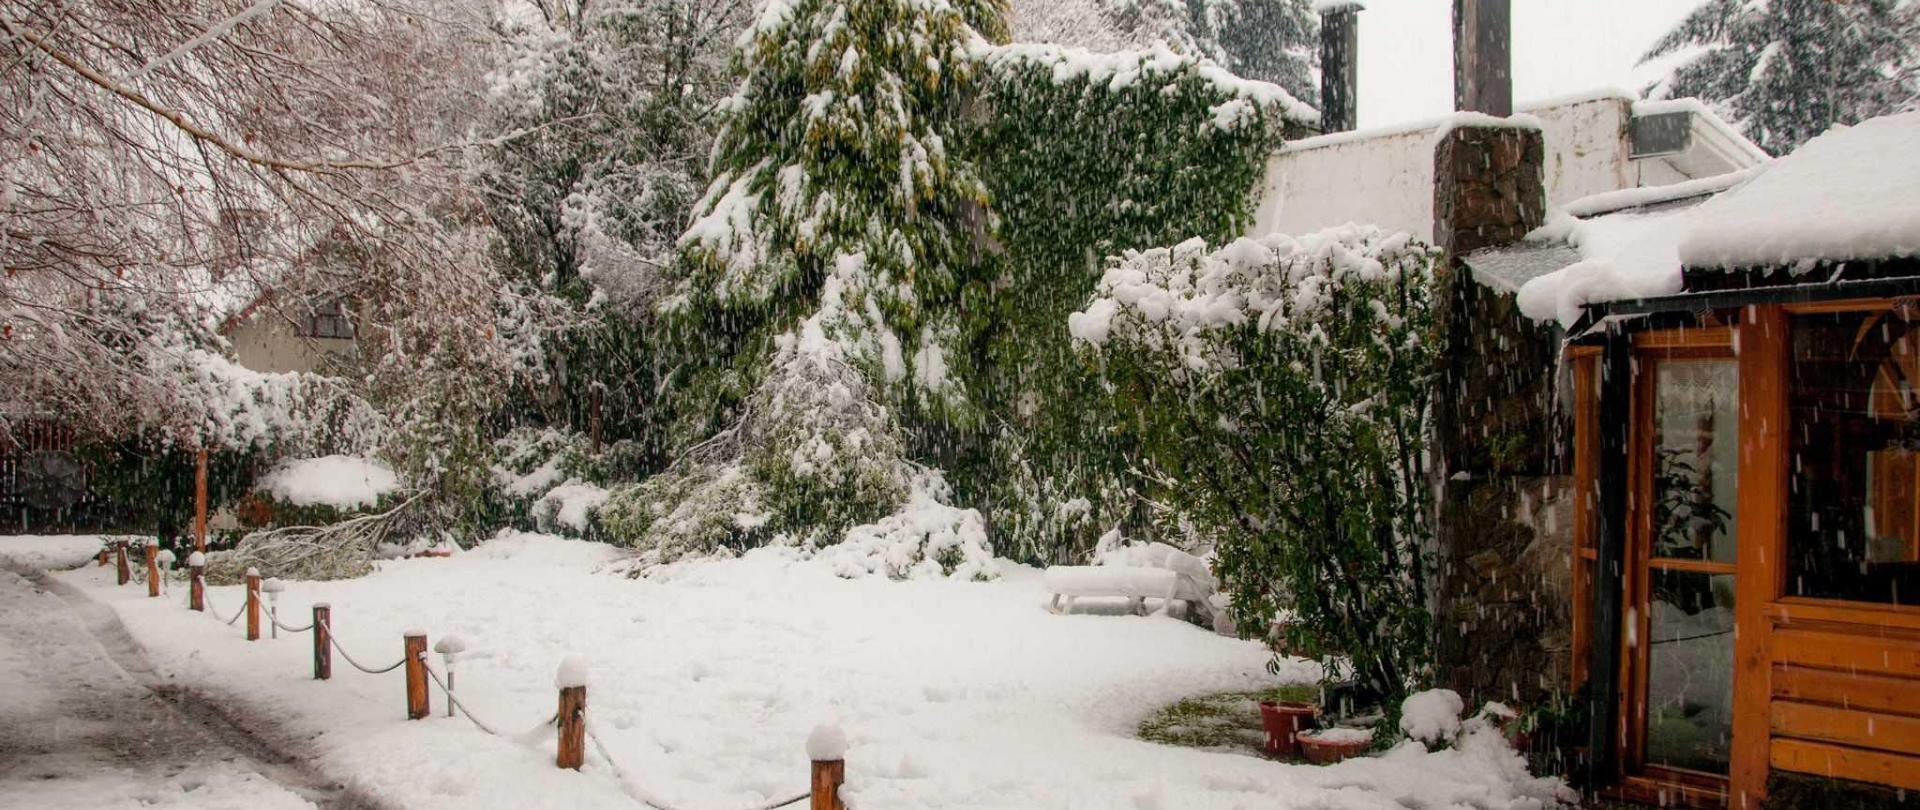 nieve-julio-sma-92-1.jpg